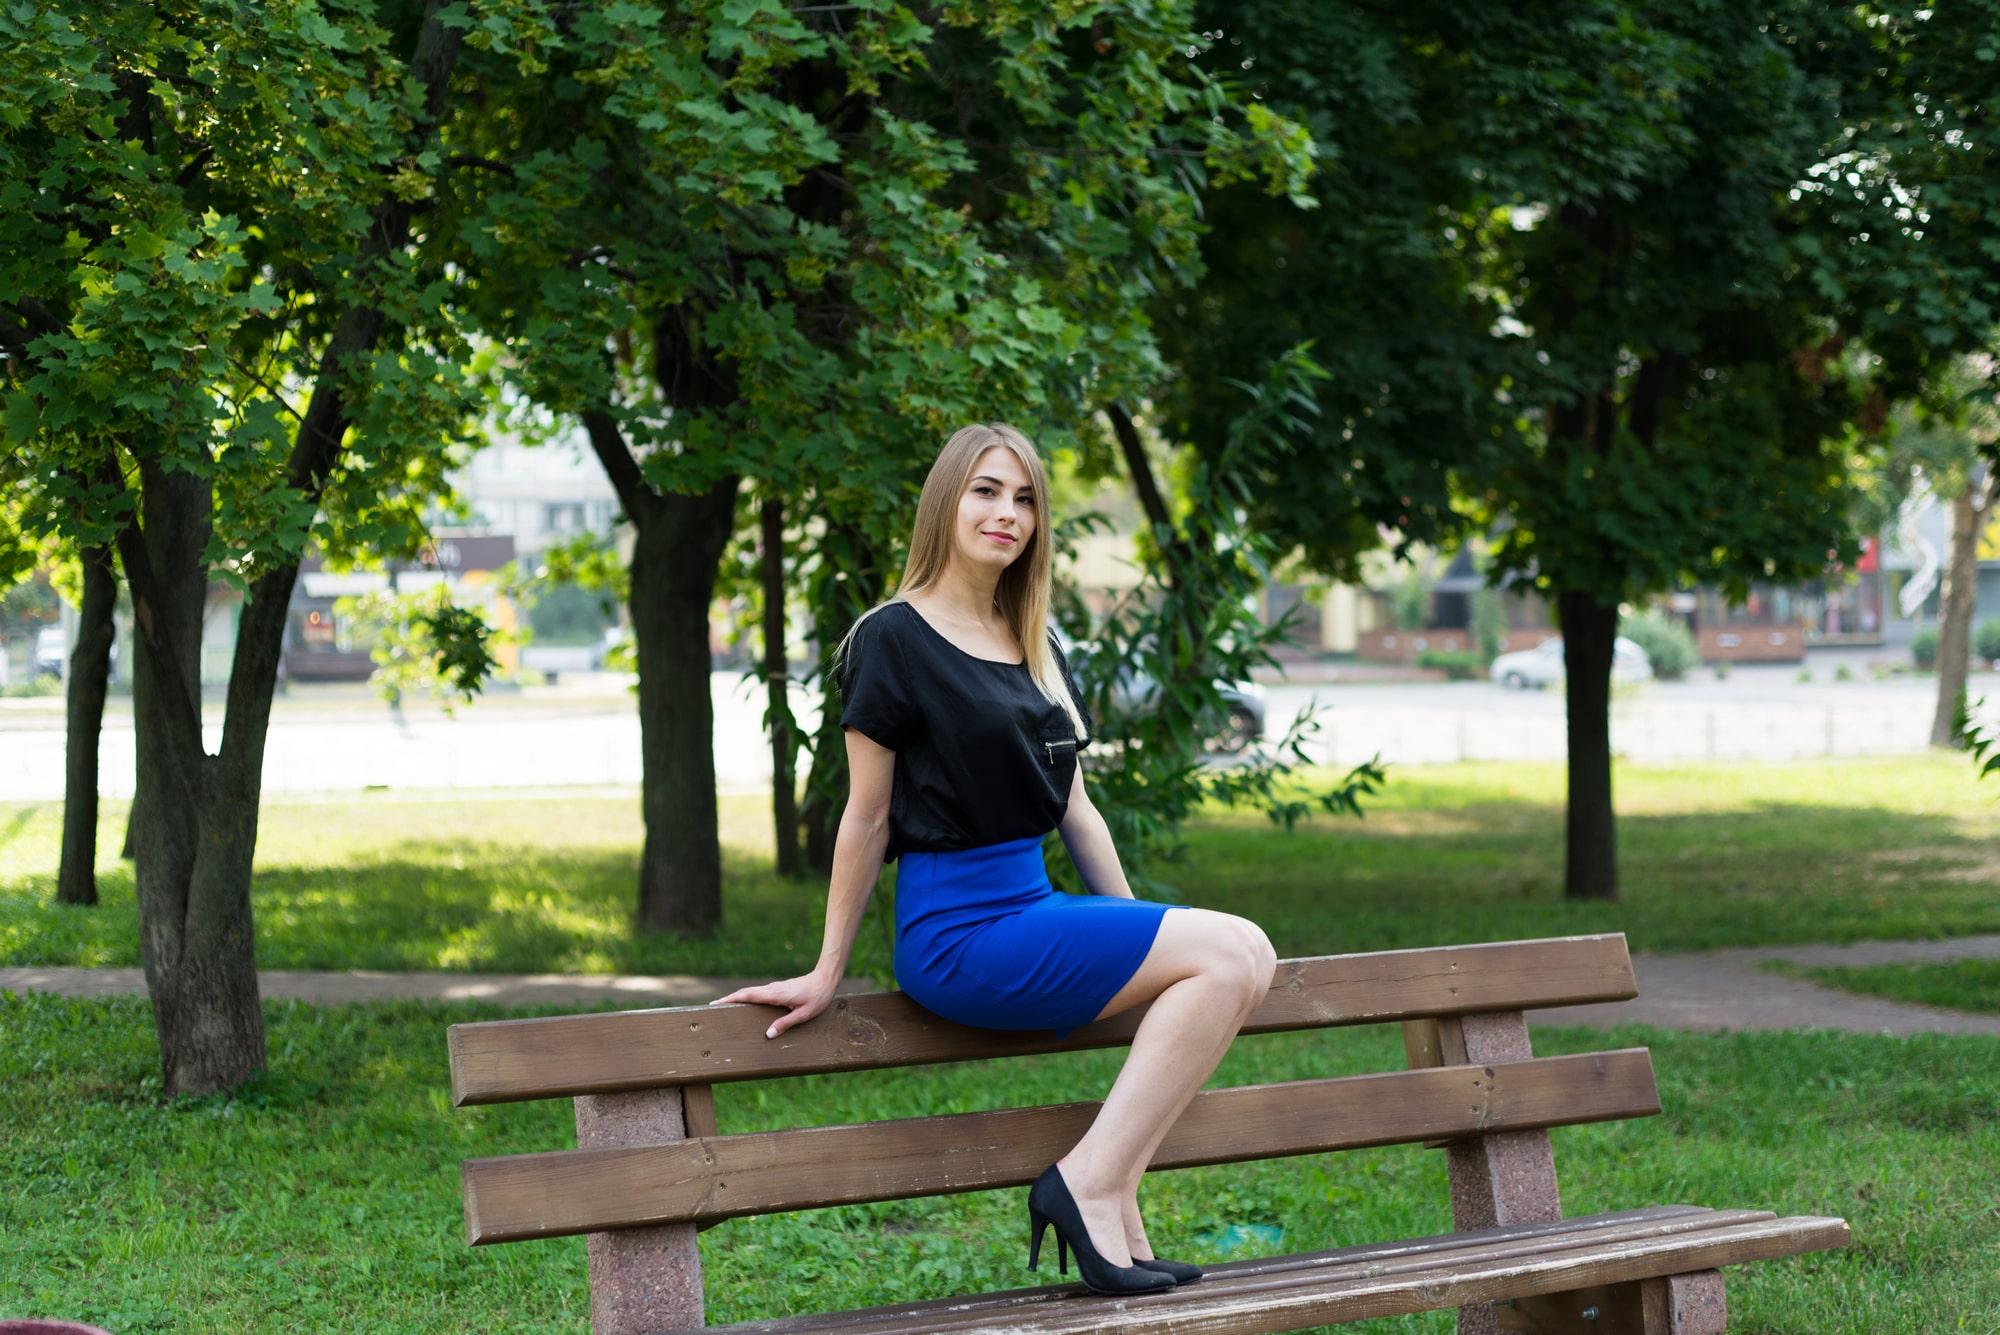 Фотосессия Love Story в Киеве - девушка ждет парня на скамейке